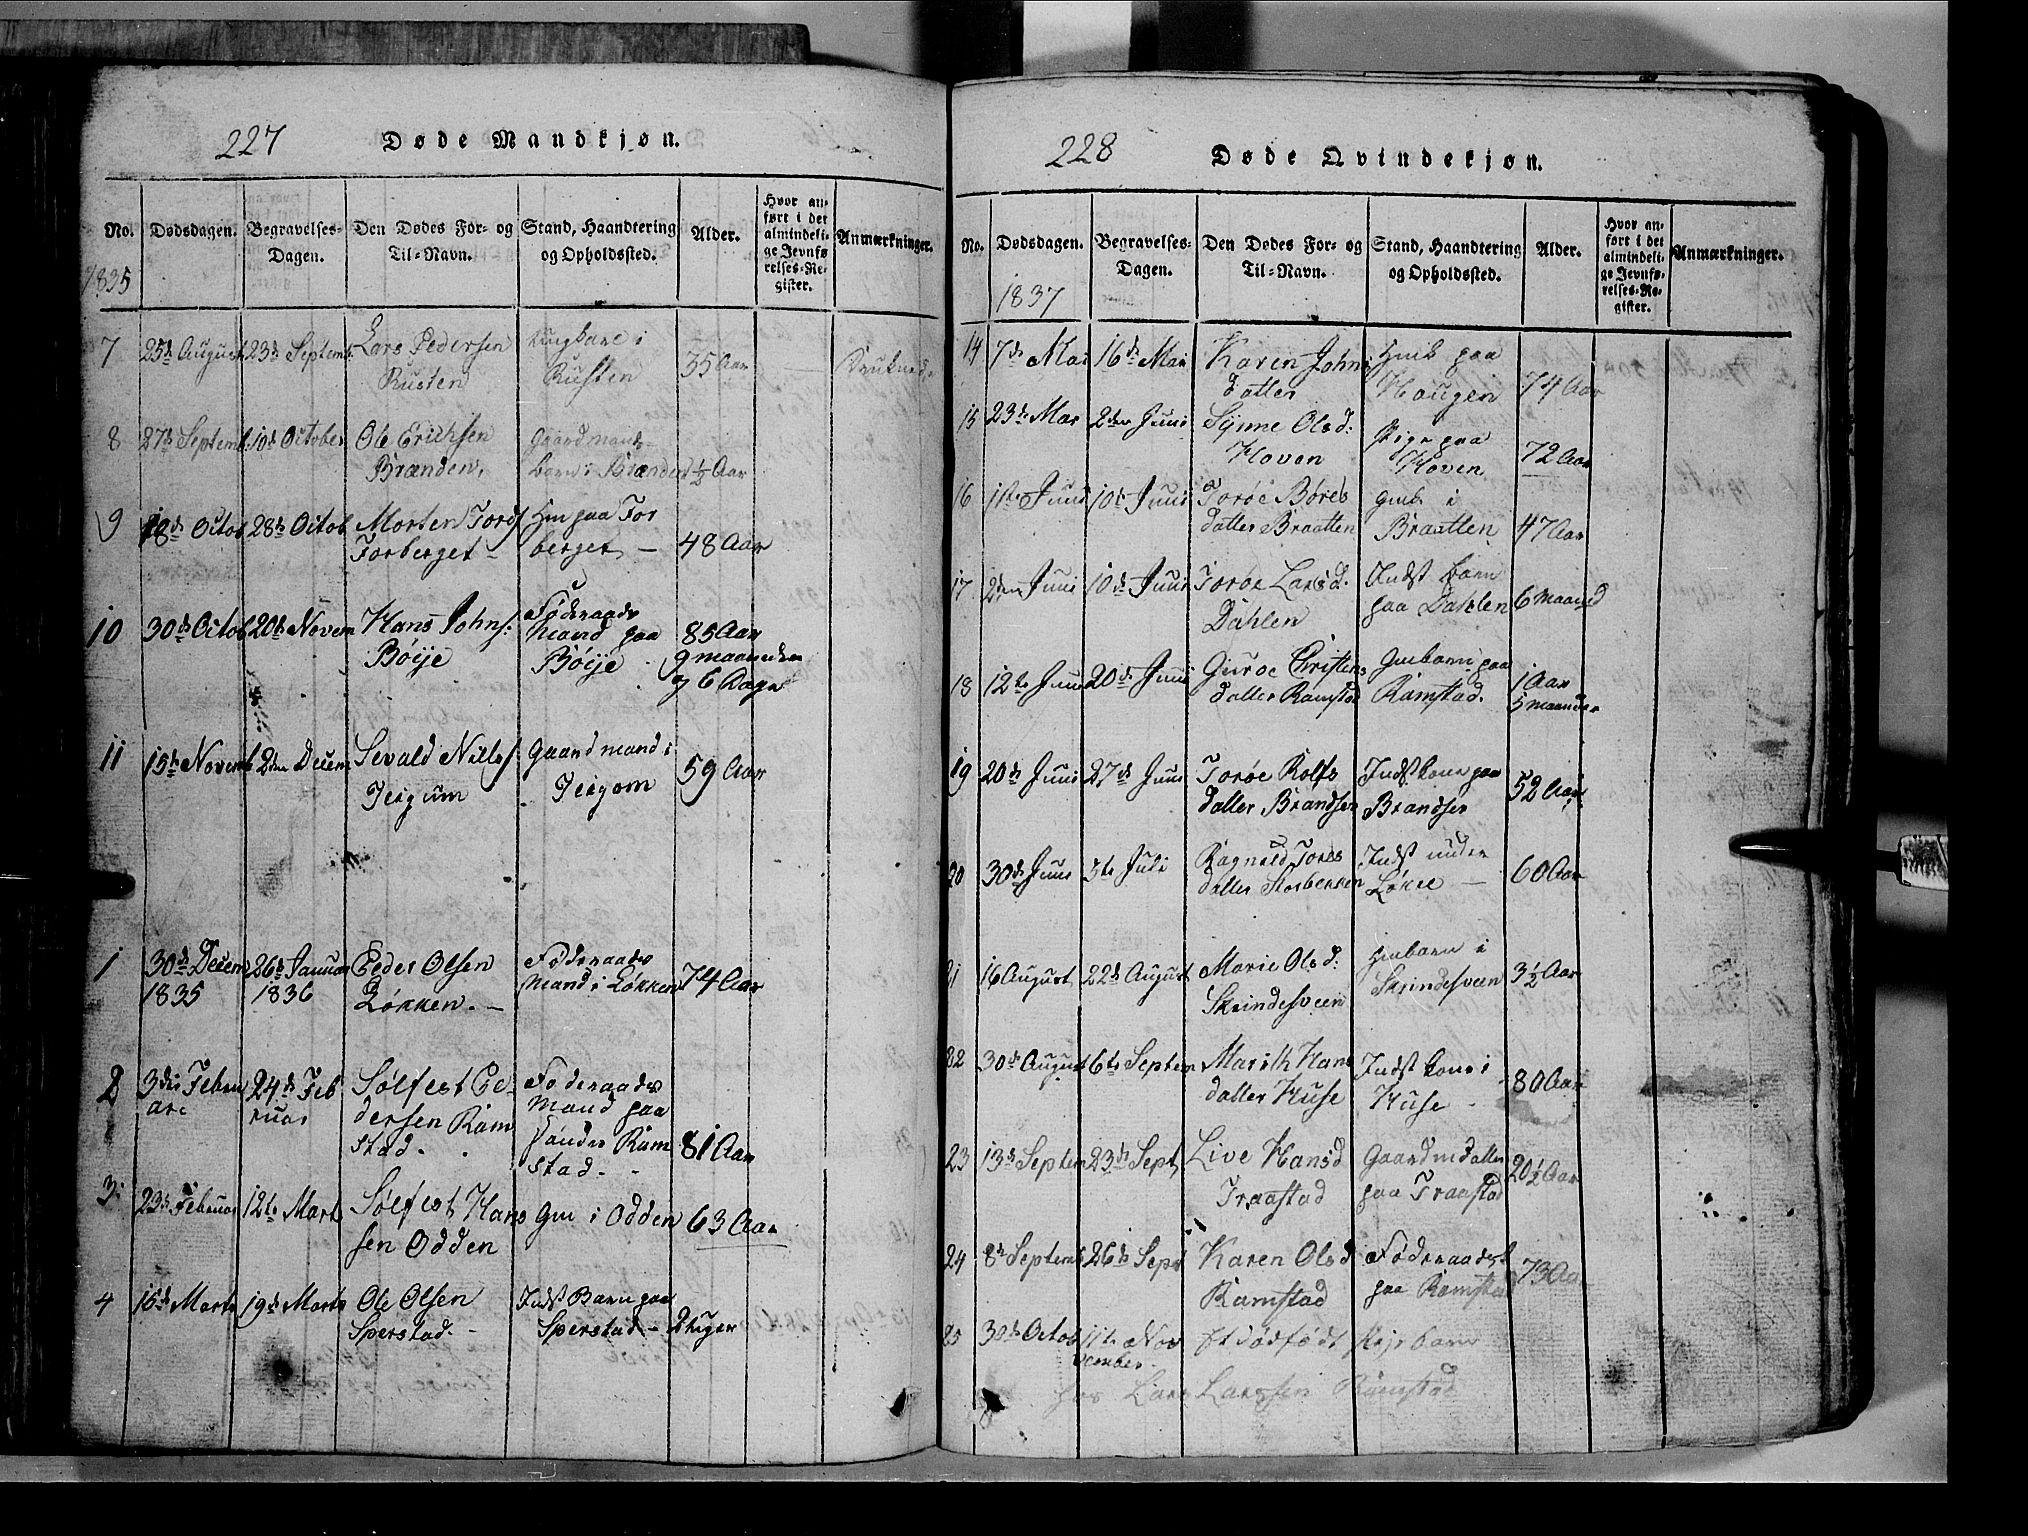 SAH, Lom prestekontor, L/L0003: Klokkerbok nr. 3, 1815-1844, s. 227-228